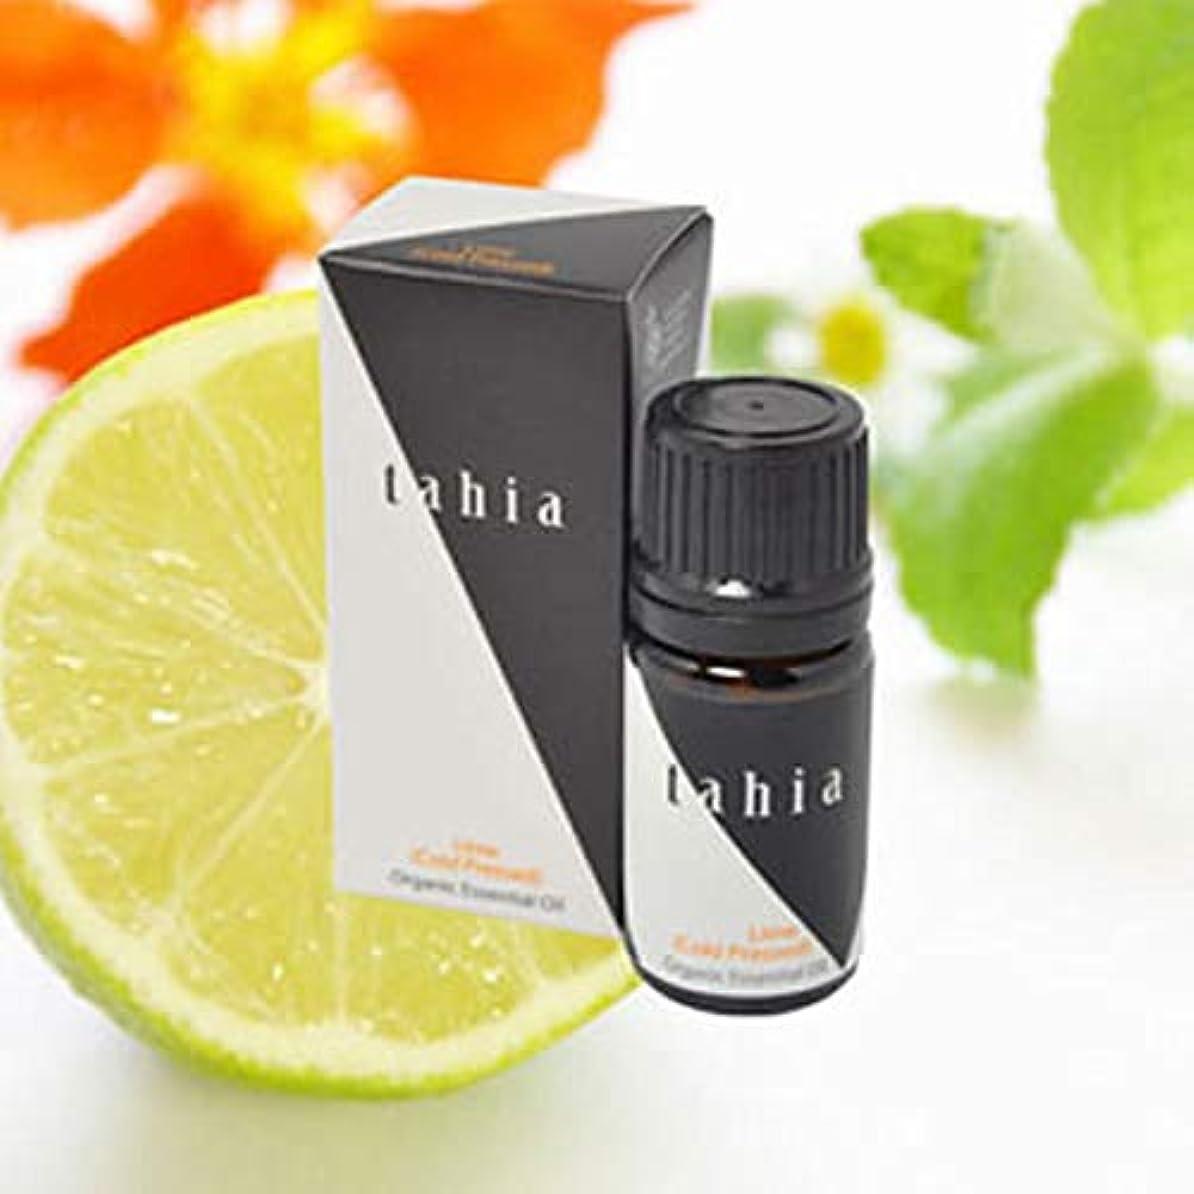 ダイバー協力流用するタツフト タヒア tahia ライム  エッセンシャルオイル オーガニック 芳香 精油